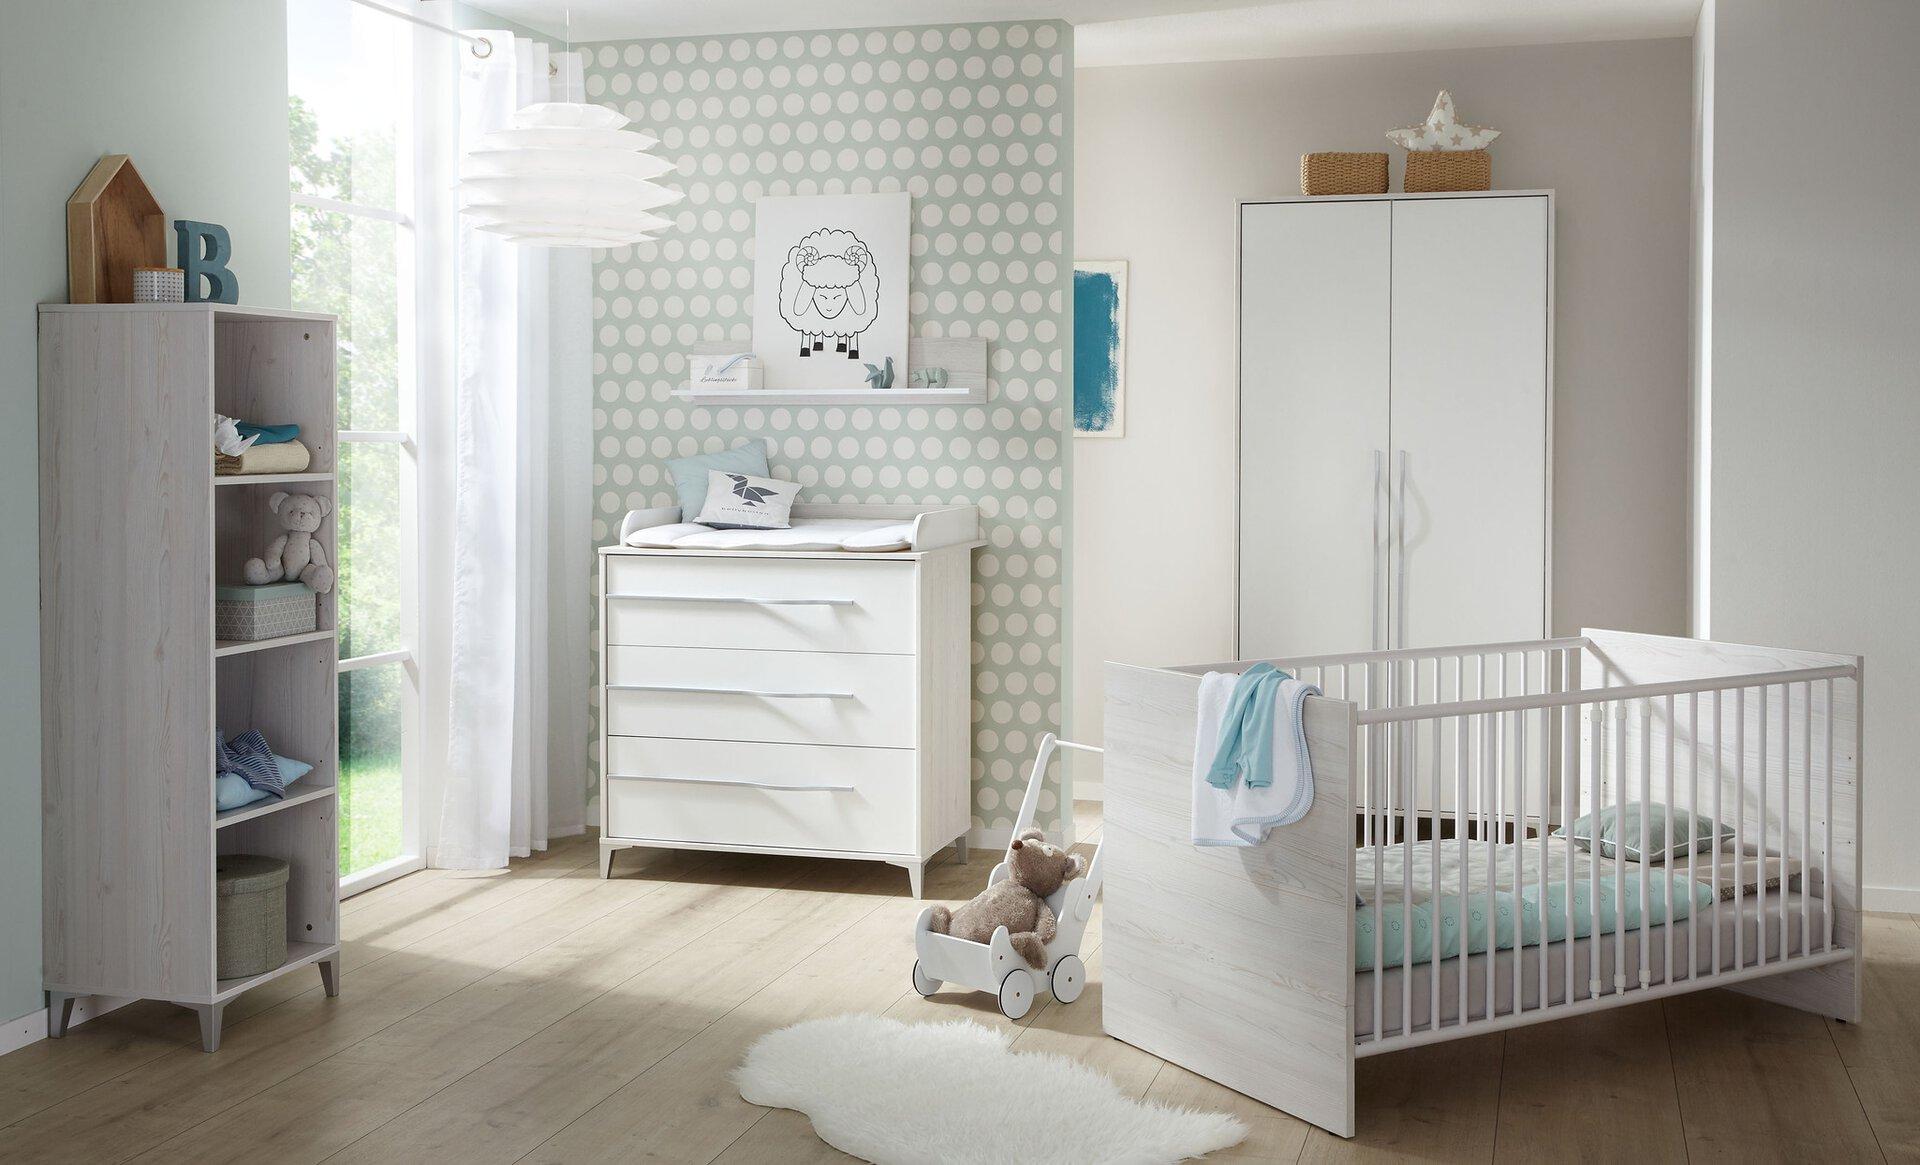 Wandbord LOVELY BABY KORVIN inbuy Holzwerkstoff grau 20 x 20 x 95 cm